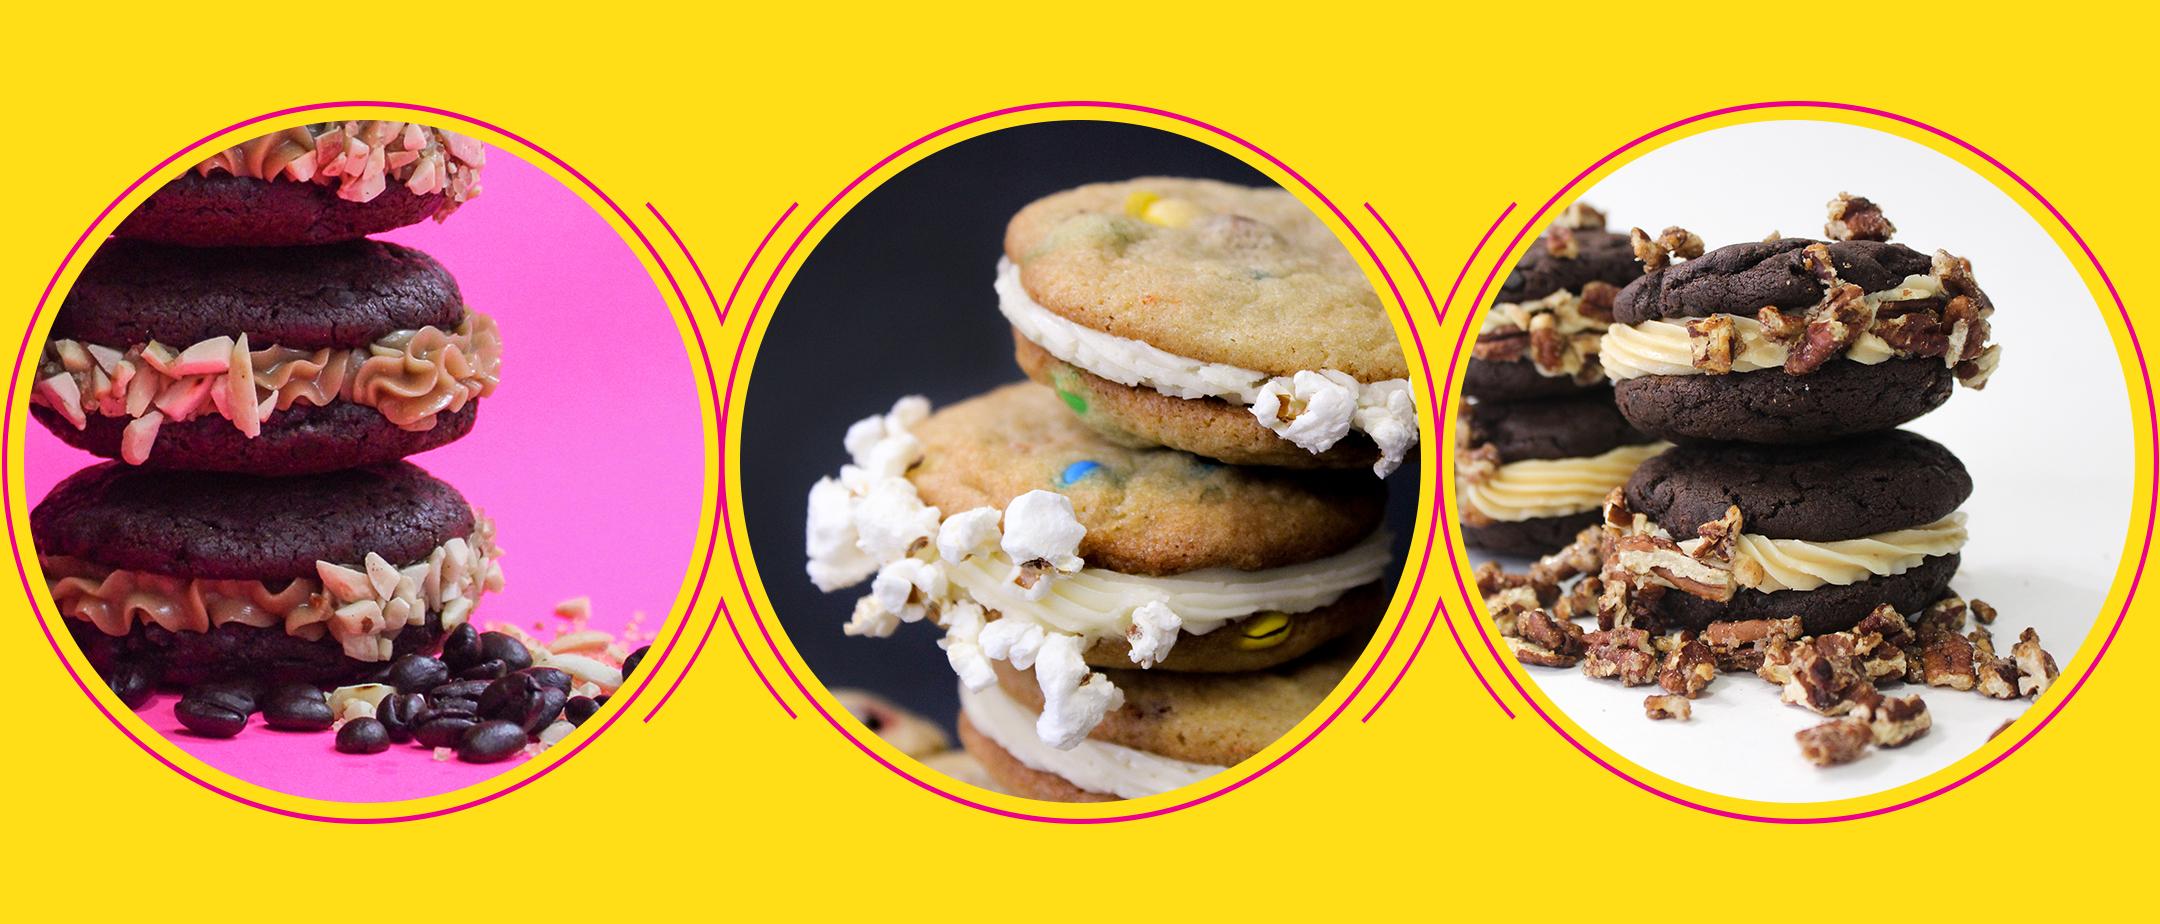 Cookies_contact.jpg